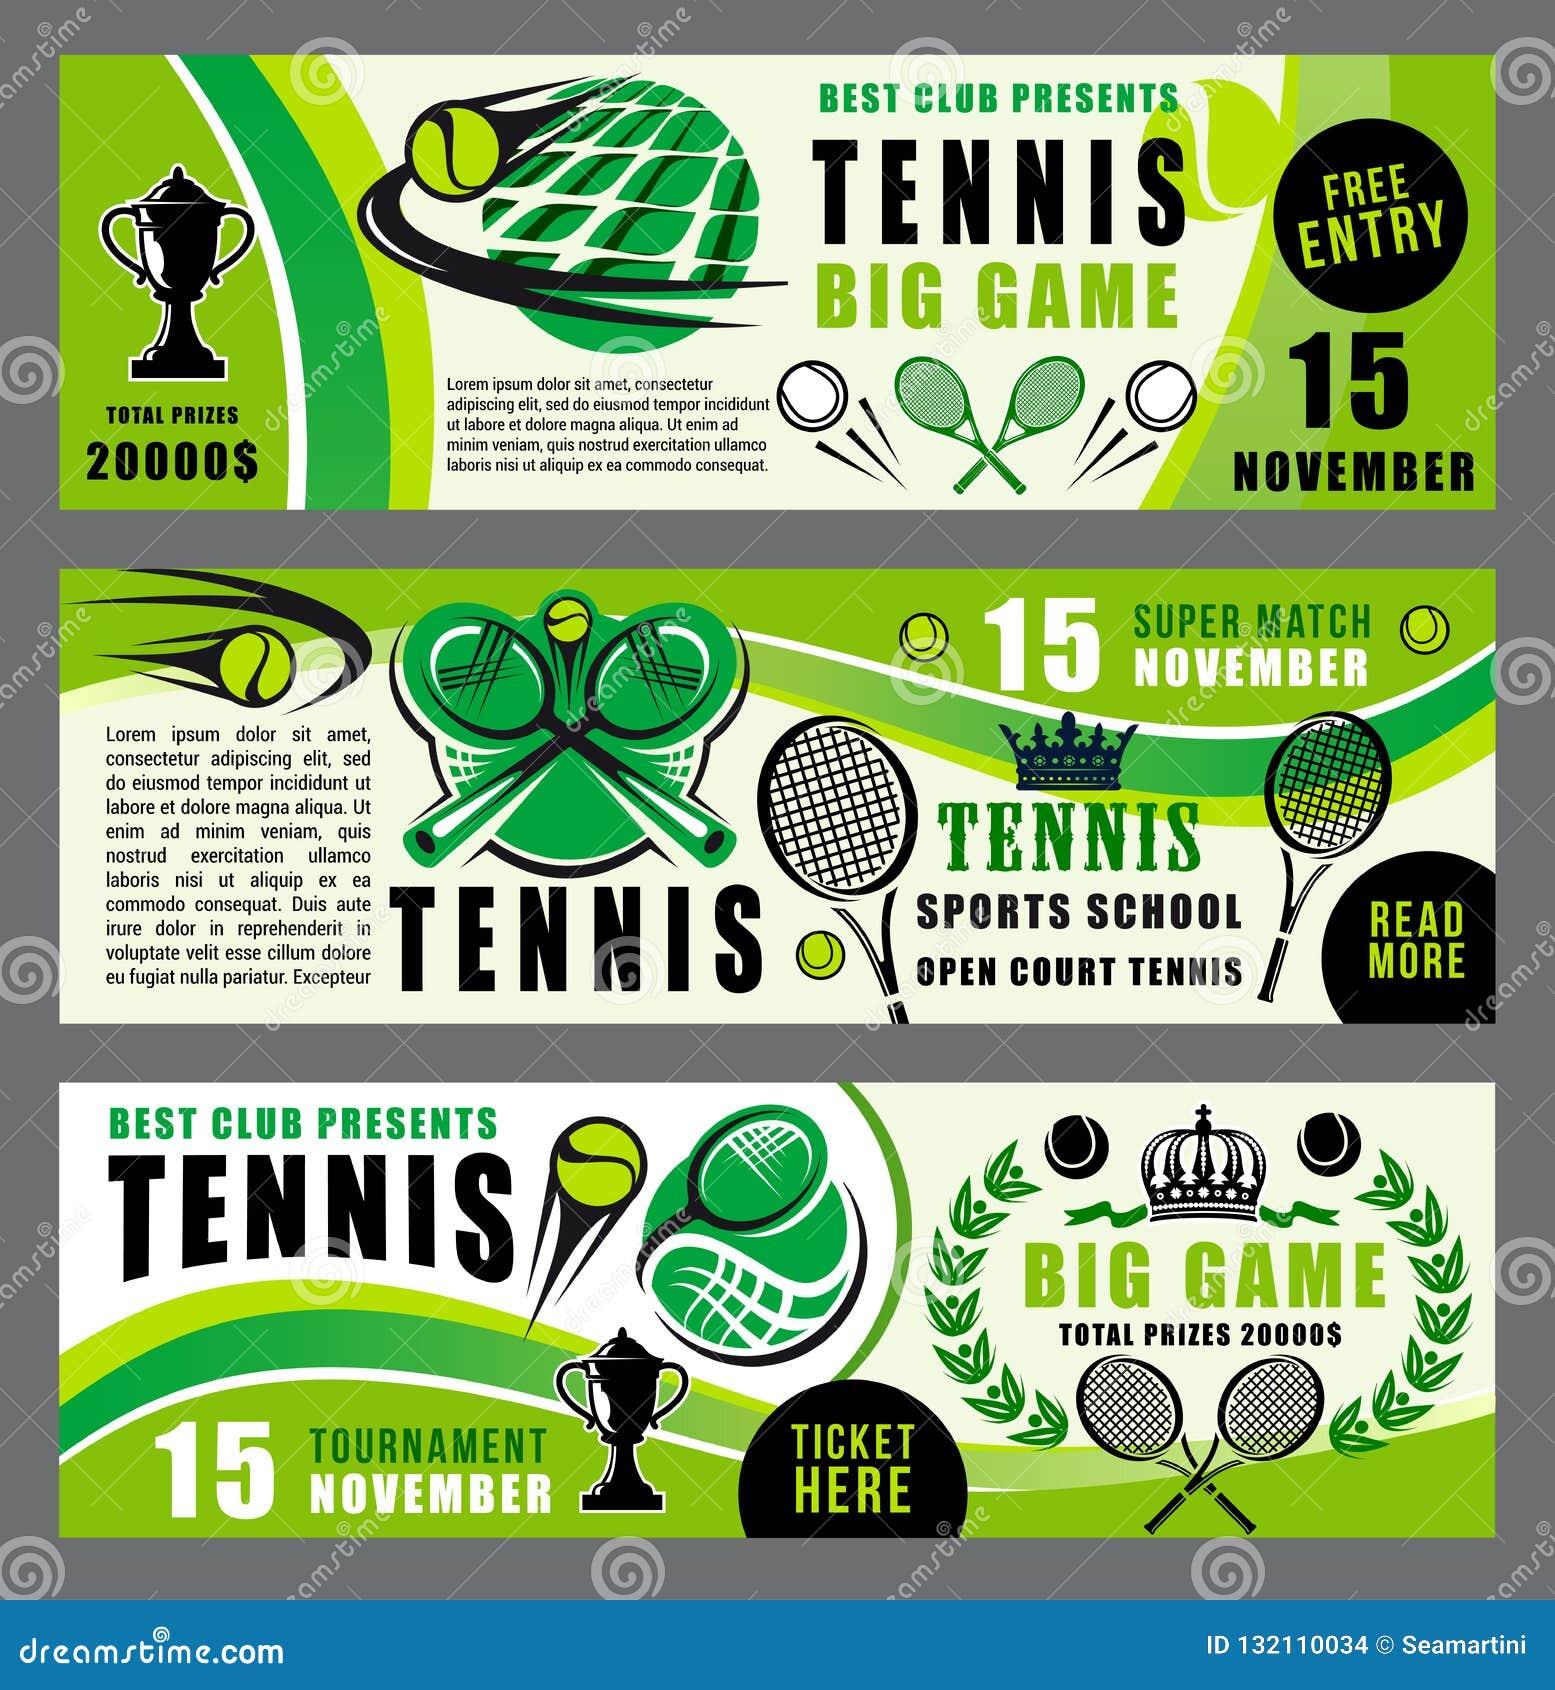 Baner för skola och för turnering för tennissport modiga